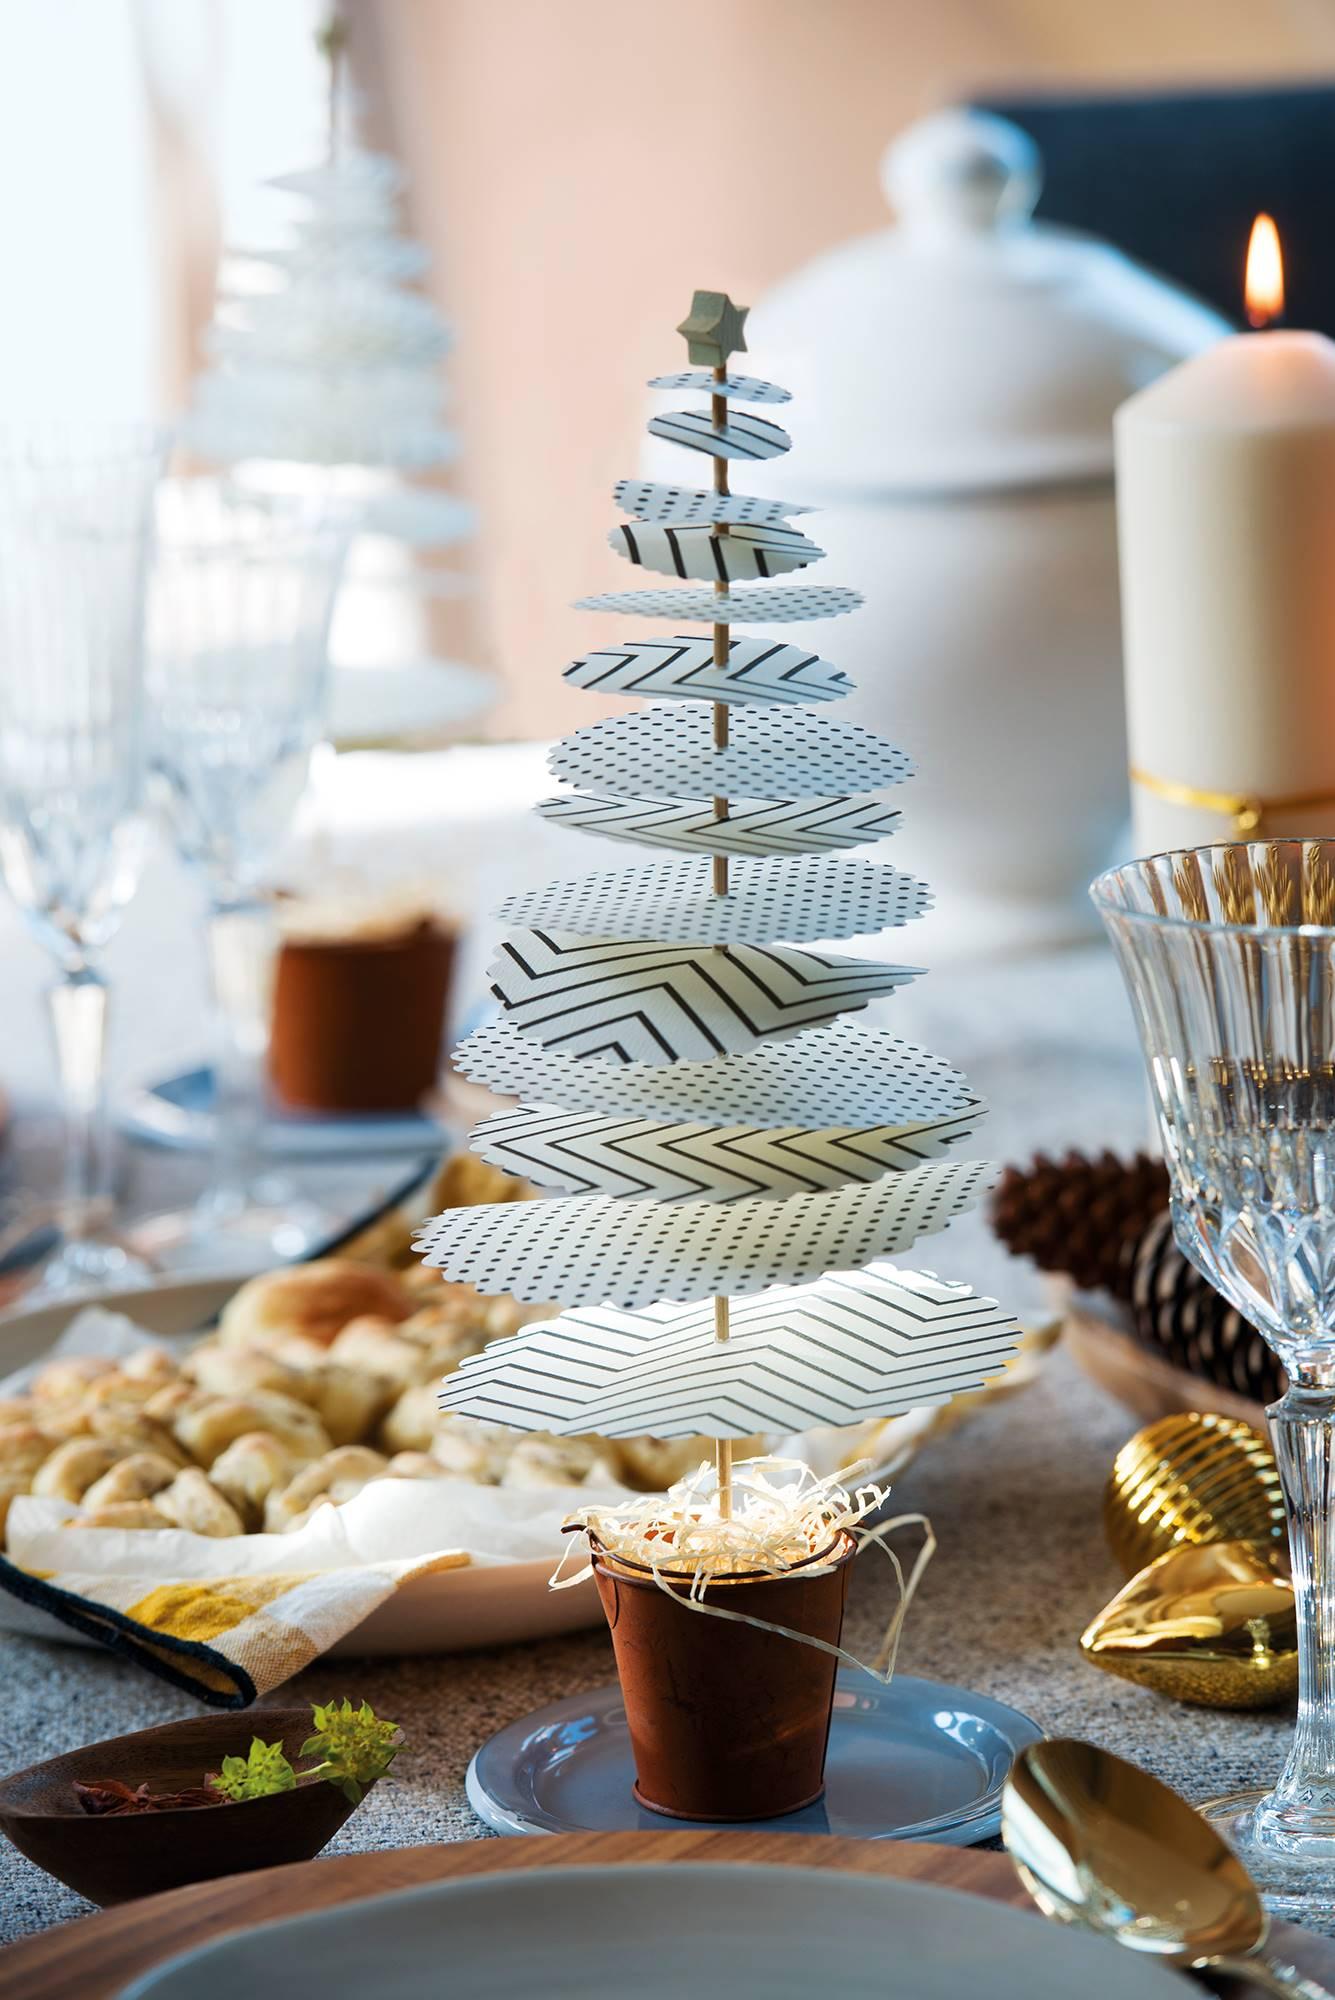 00445001. Un árbol DIY de papel para decorar la mesa